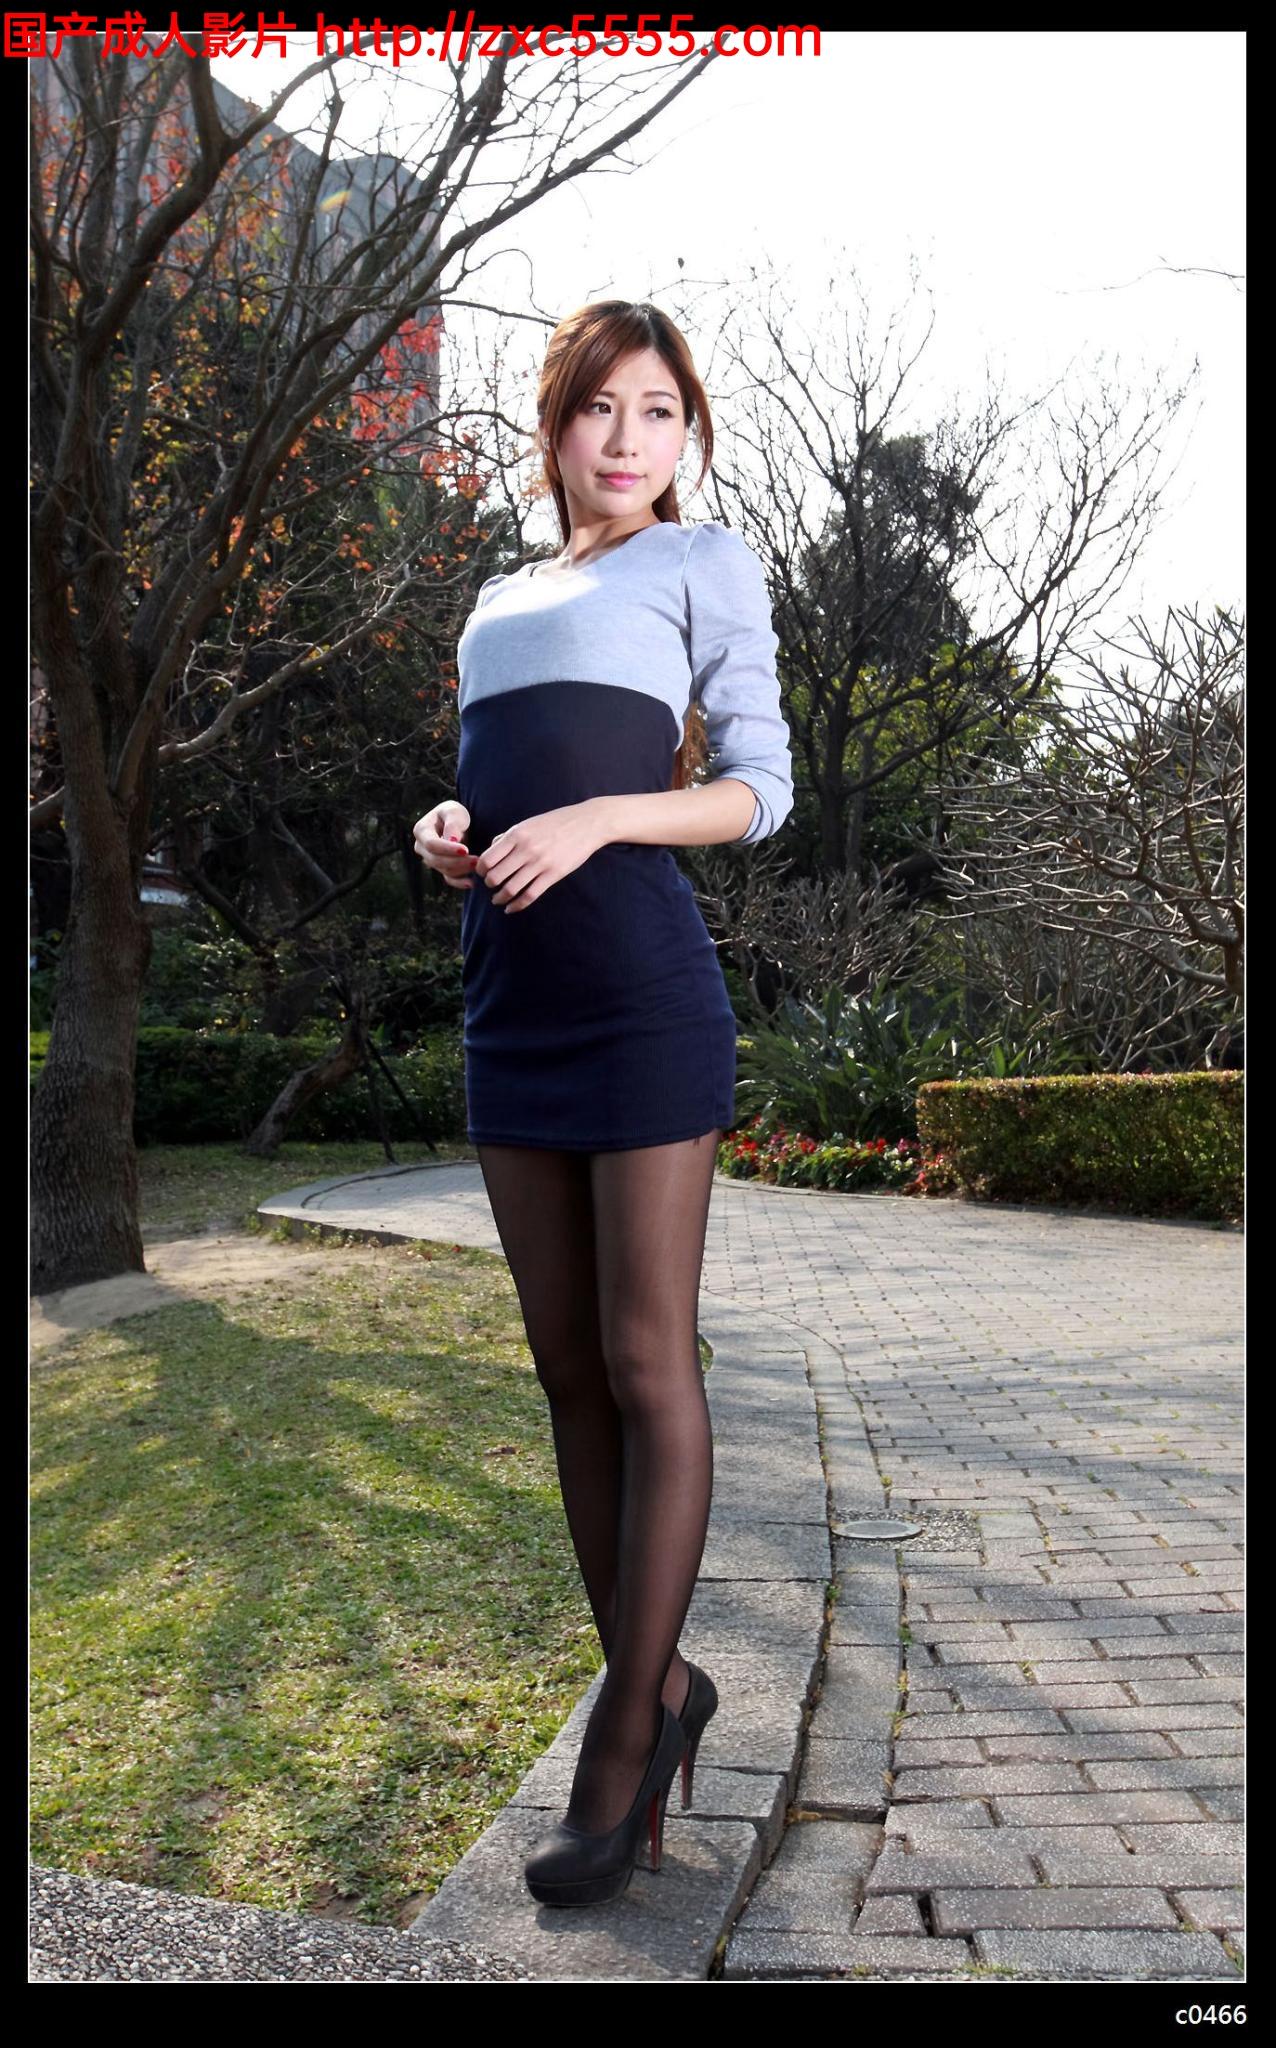 熟女自拍性爱_小静外拍黑丝美腿[57P]_大哥综合站-影音在线|迅雷下载|在线点播